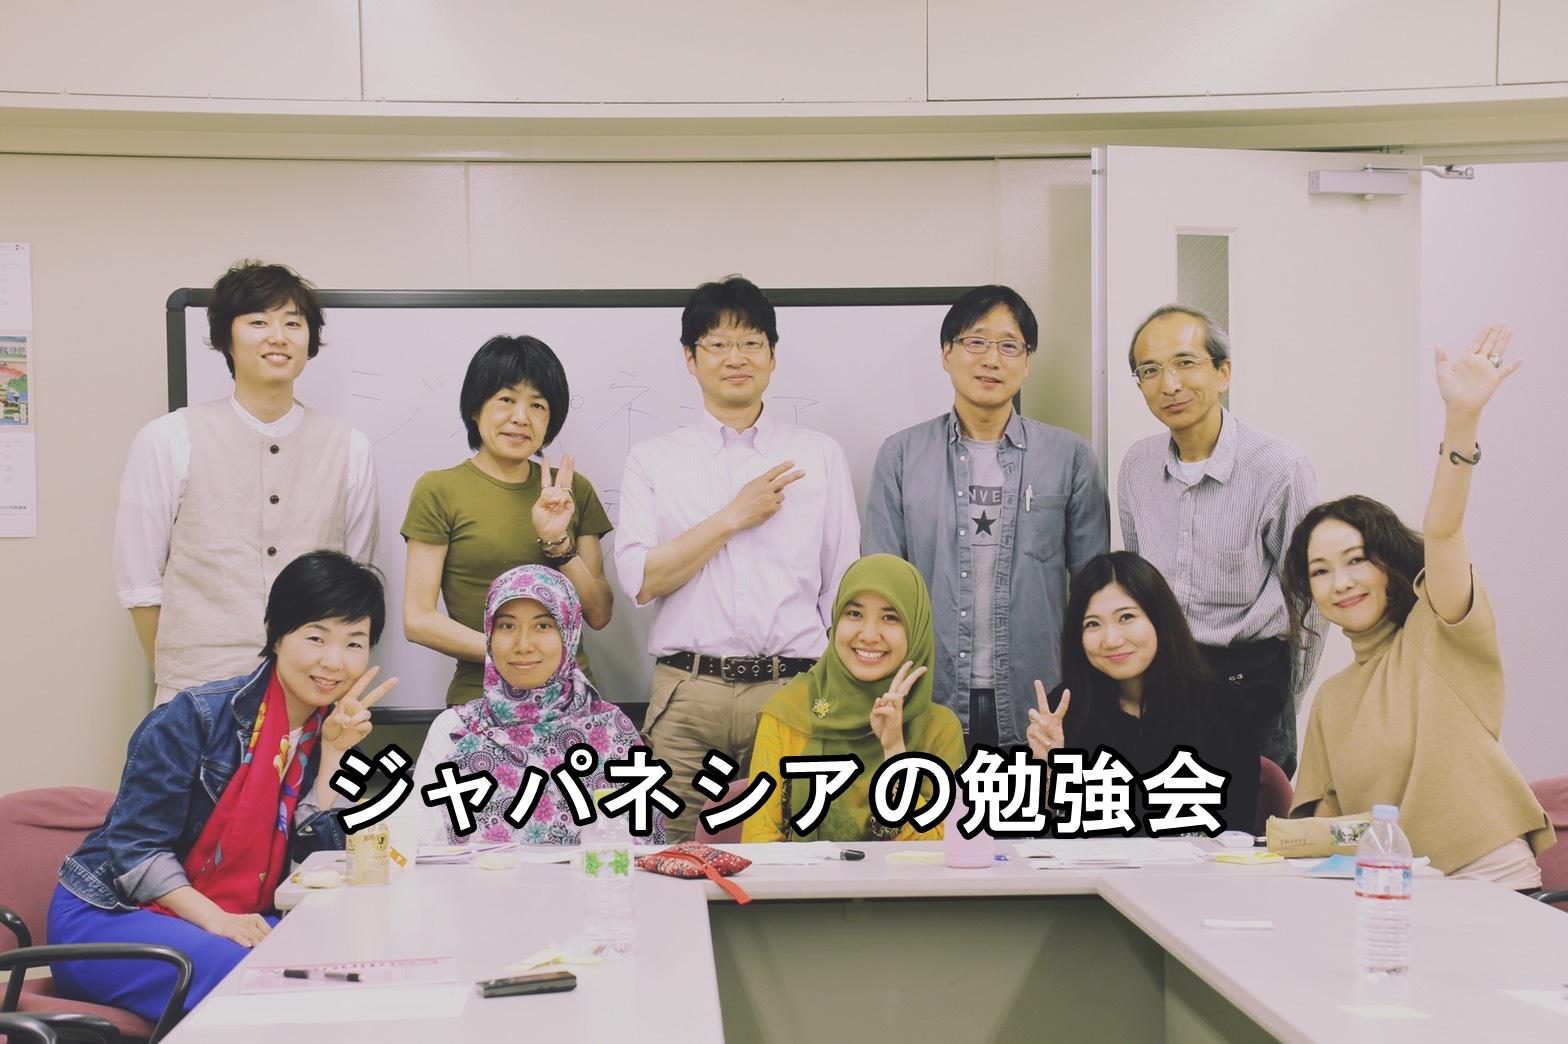 神戸三ノ宮にてインドネシア語の教室|勉強会を開催しました!